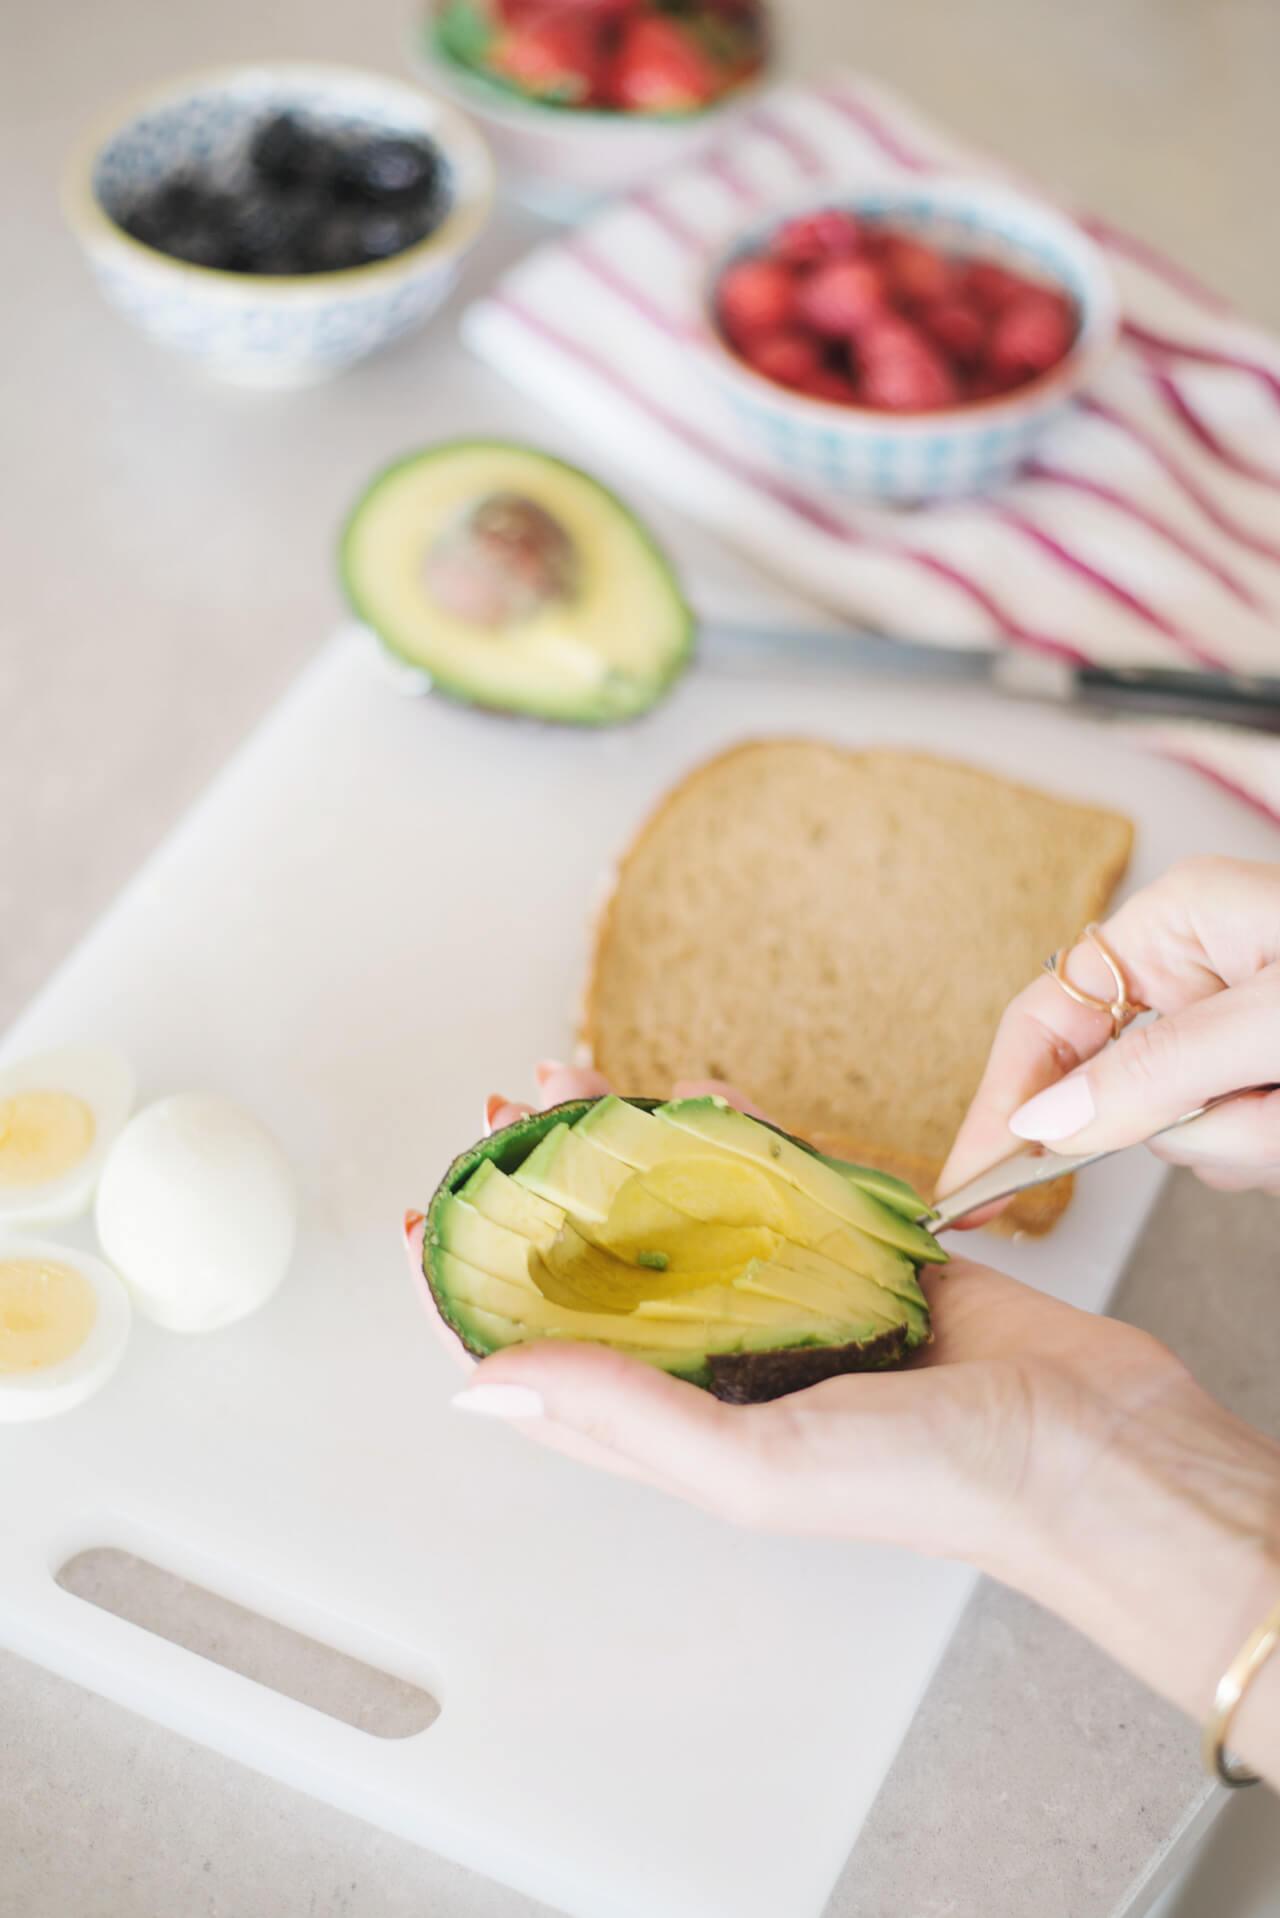 make your own avocado toast